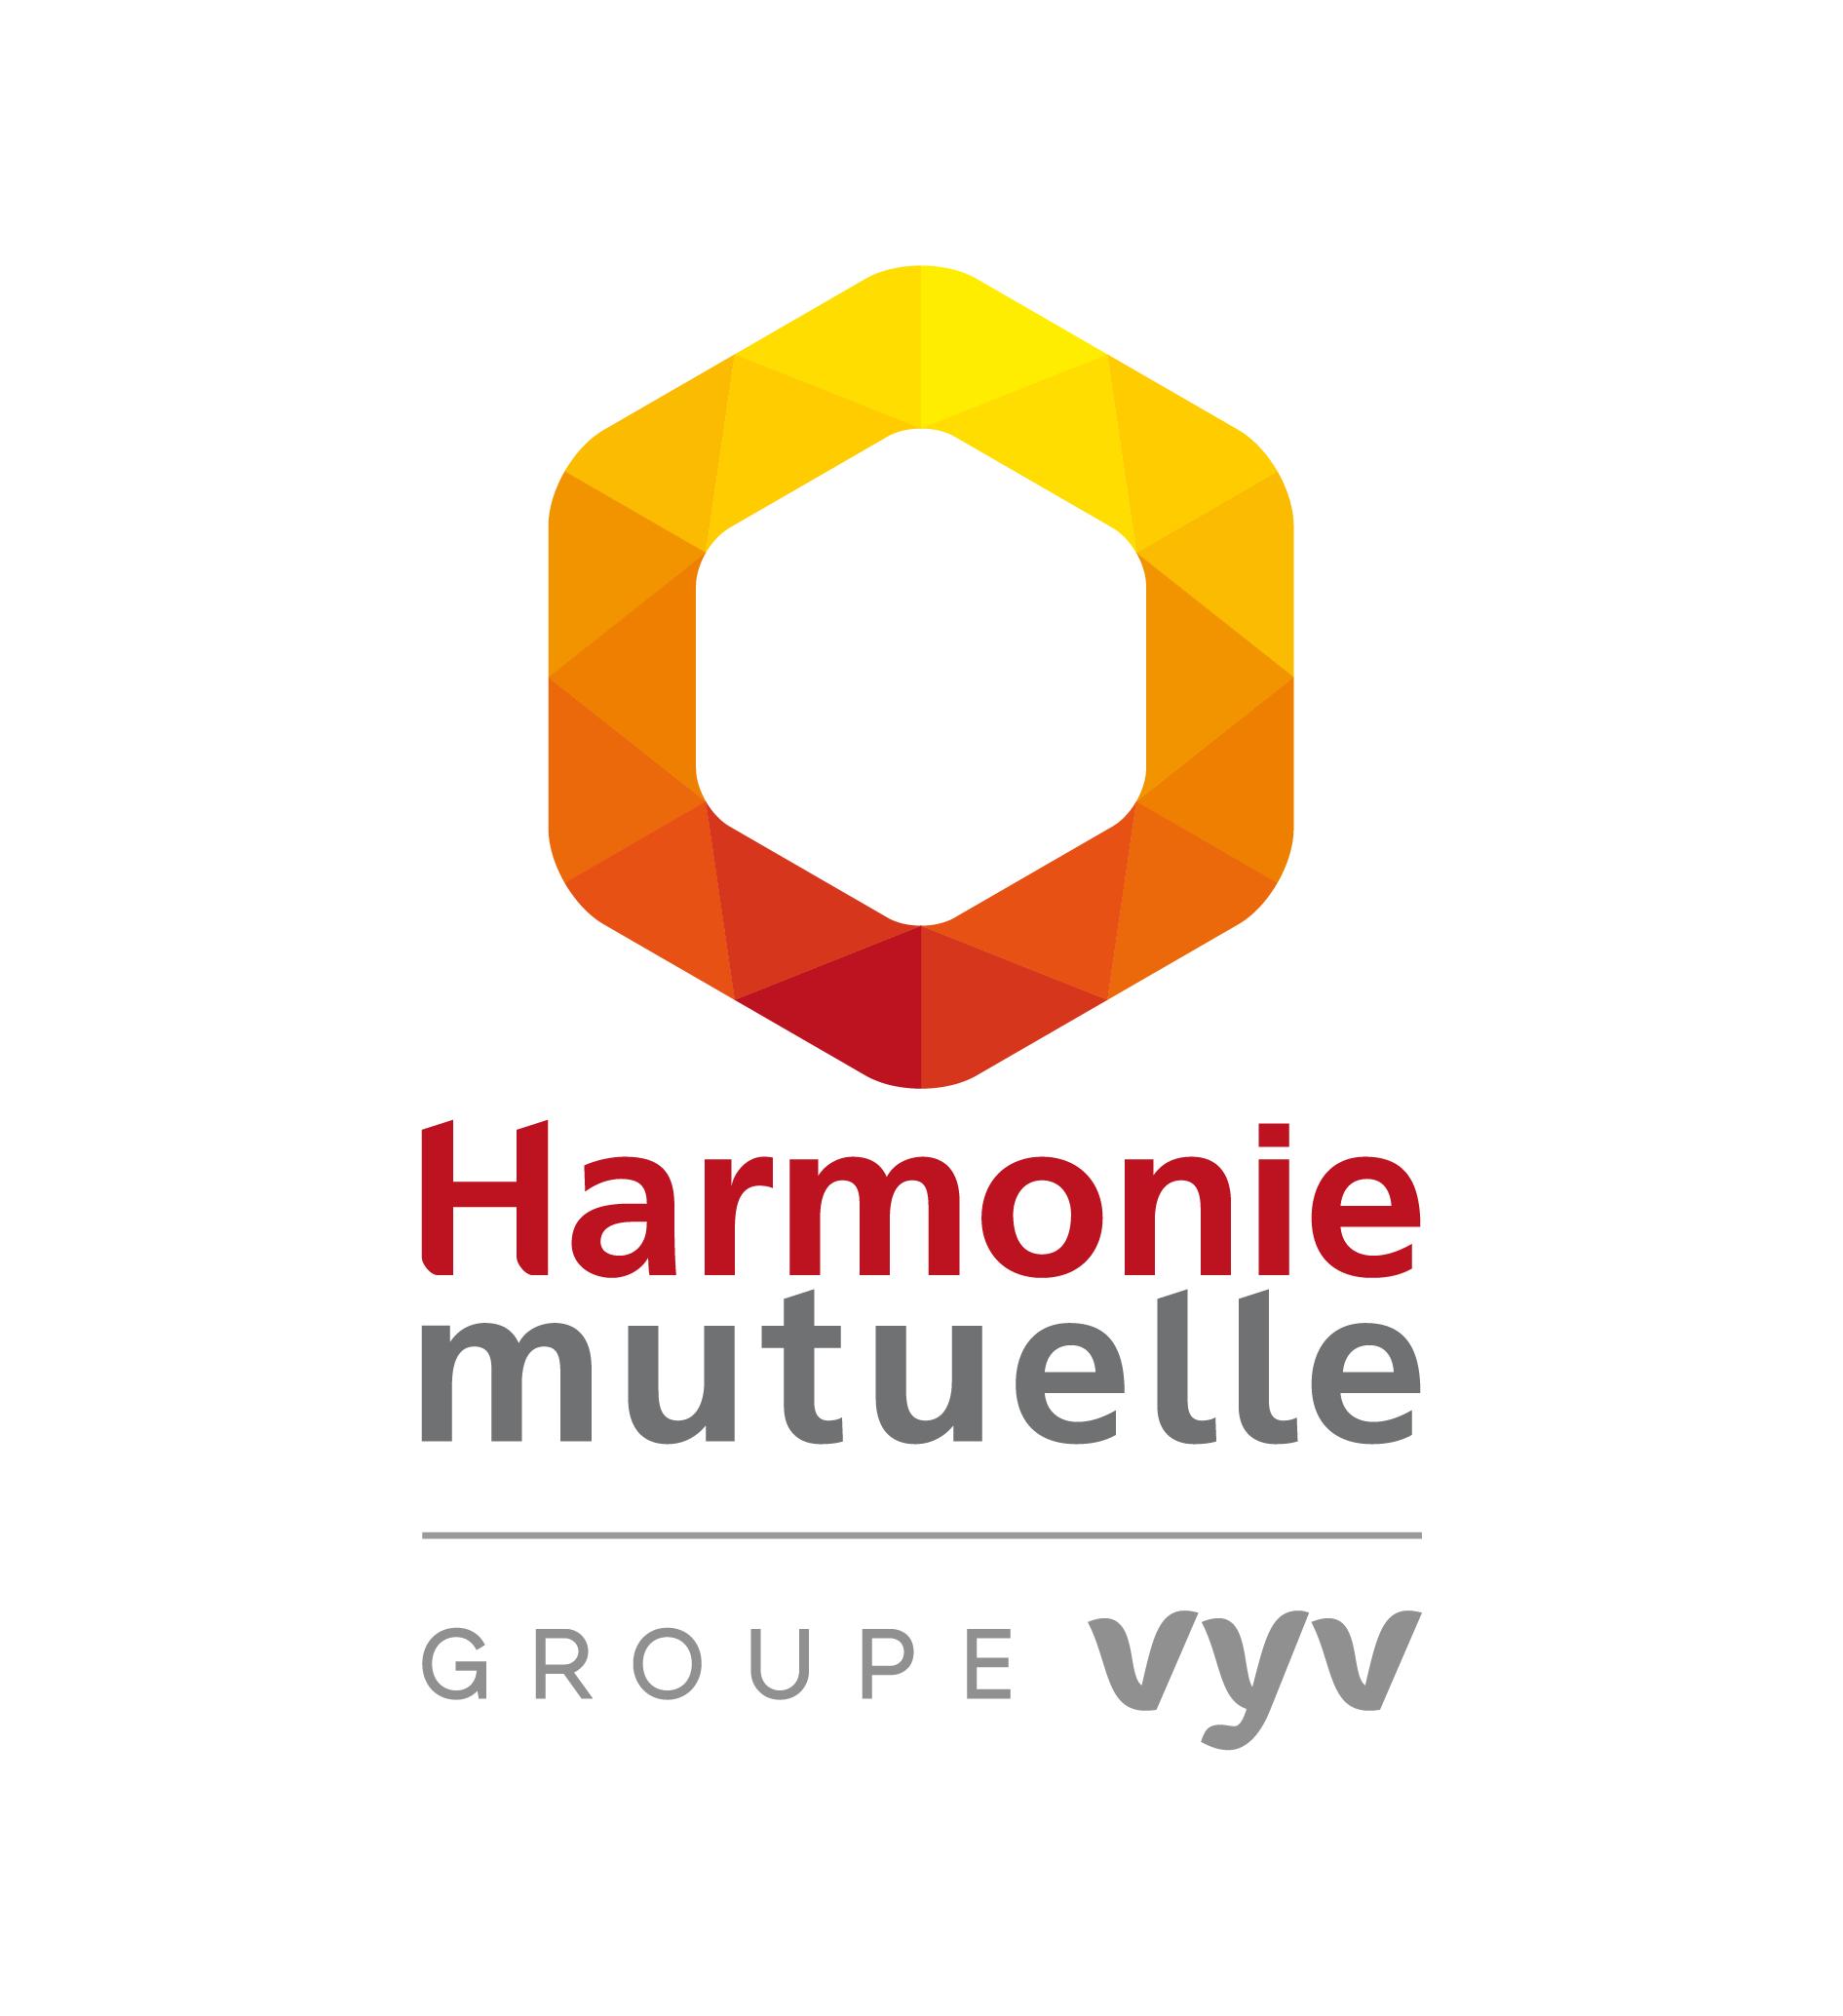 HM_G-VYV_F-accueil_RVB